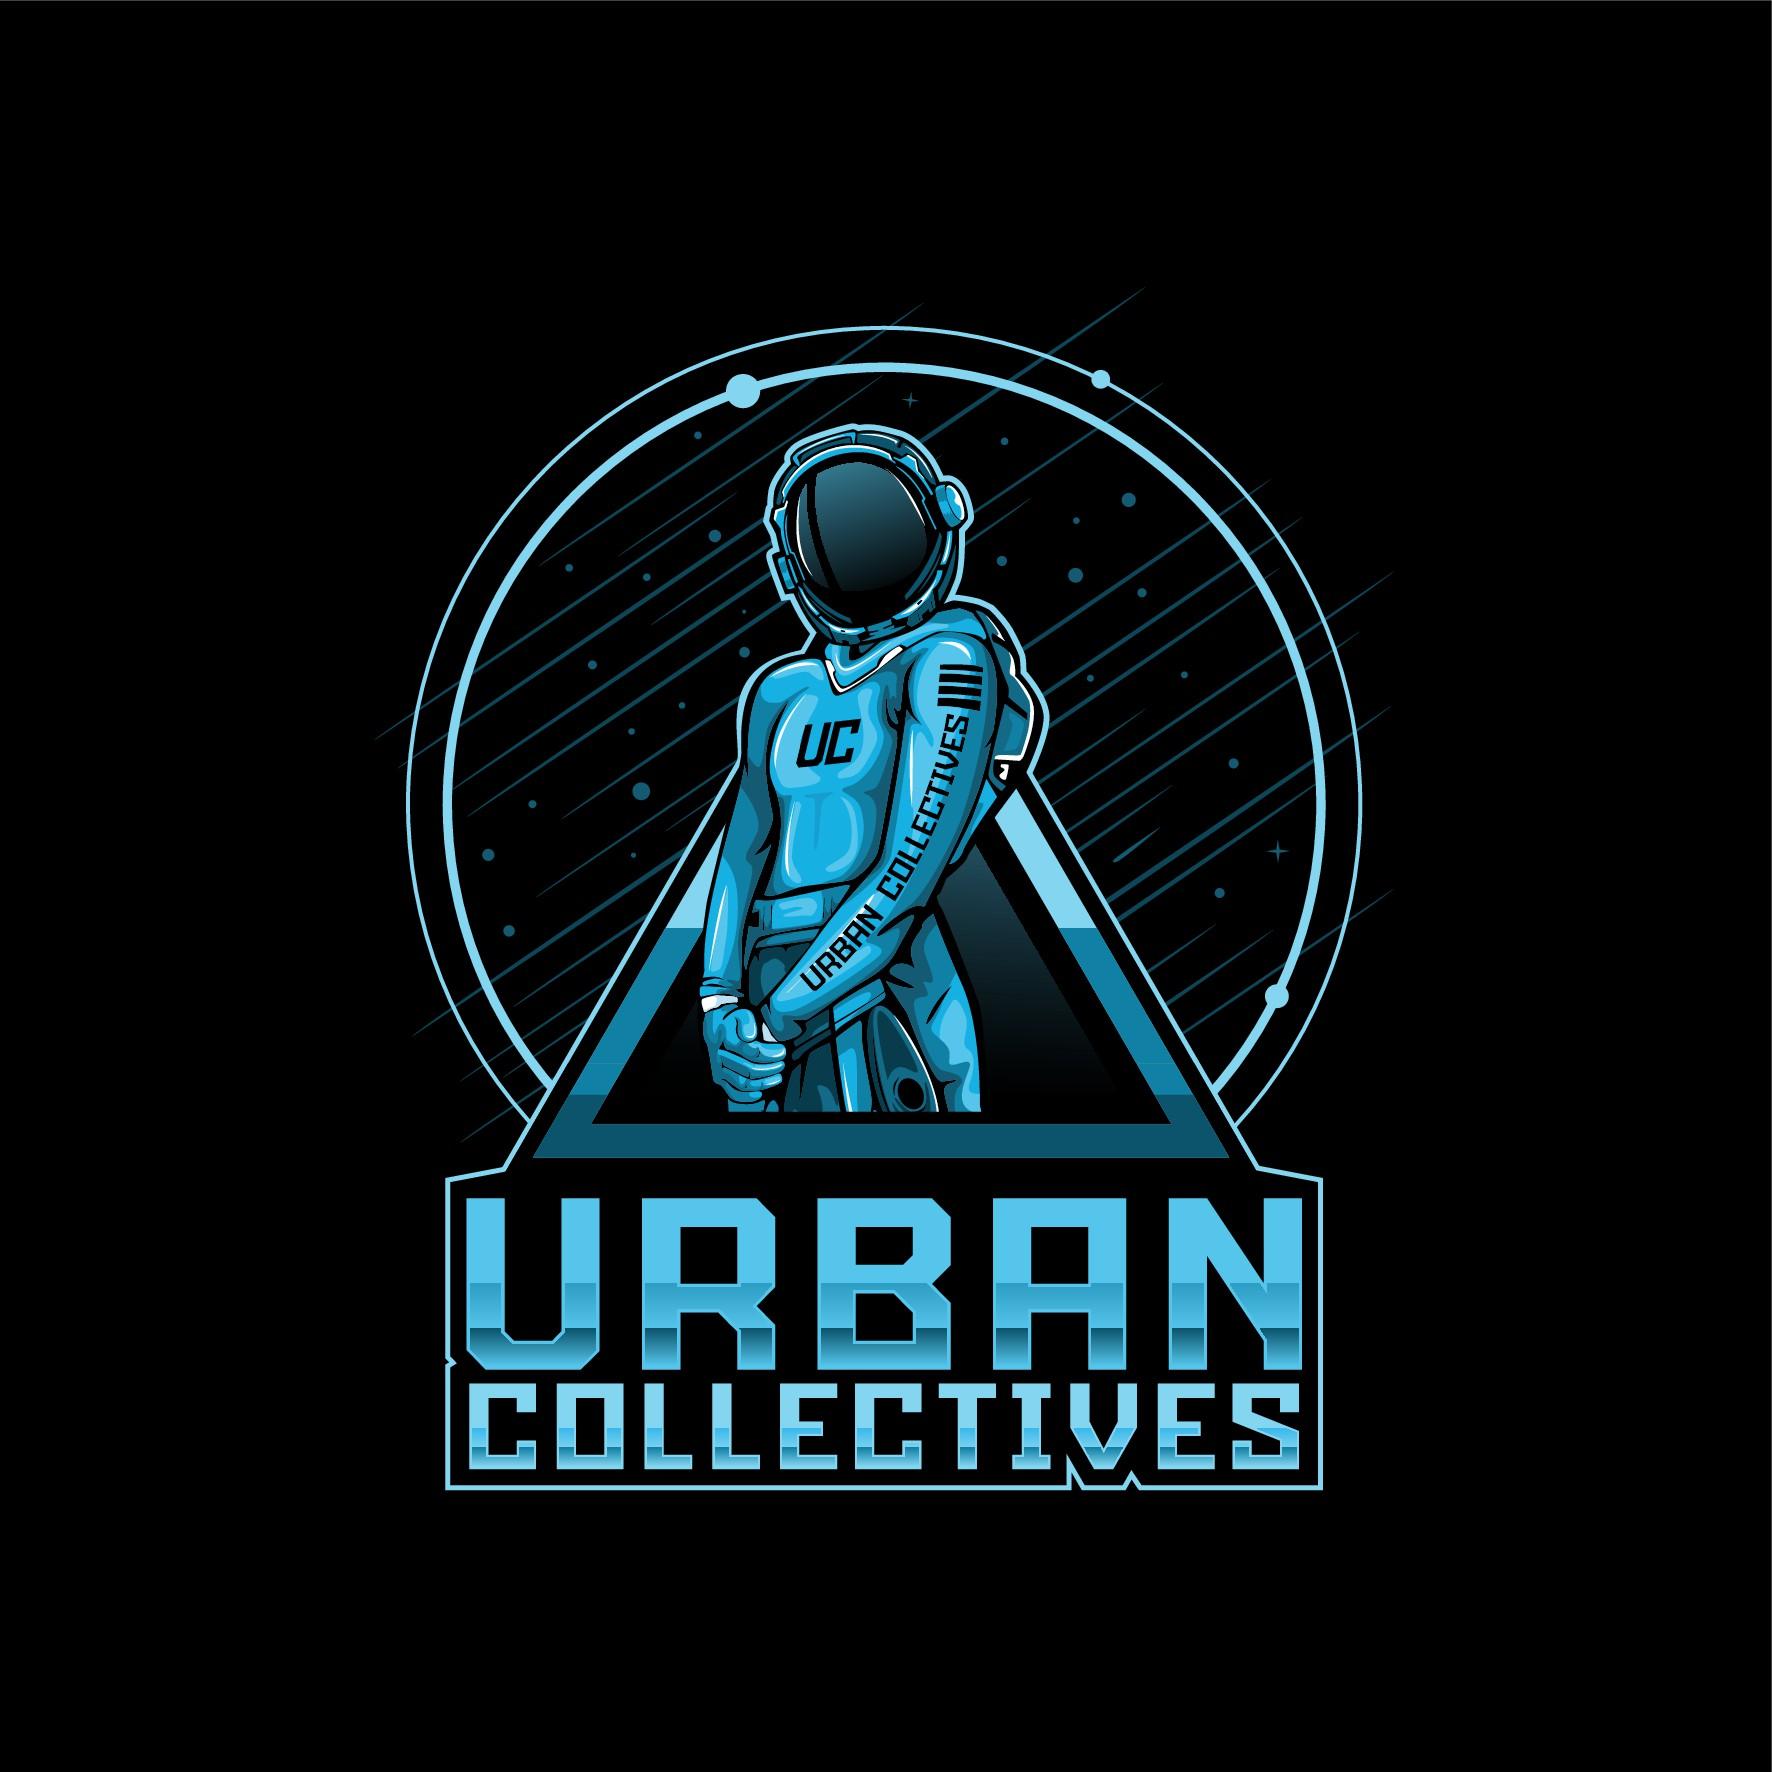 Design an artistic and inspiring logo for URBAN COLLECTIVES